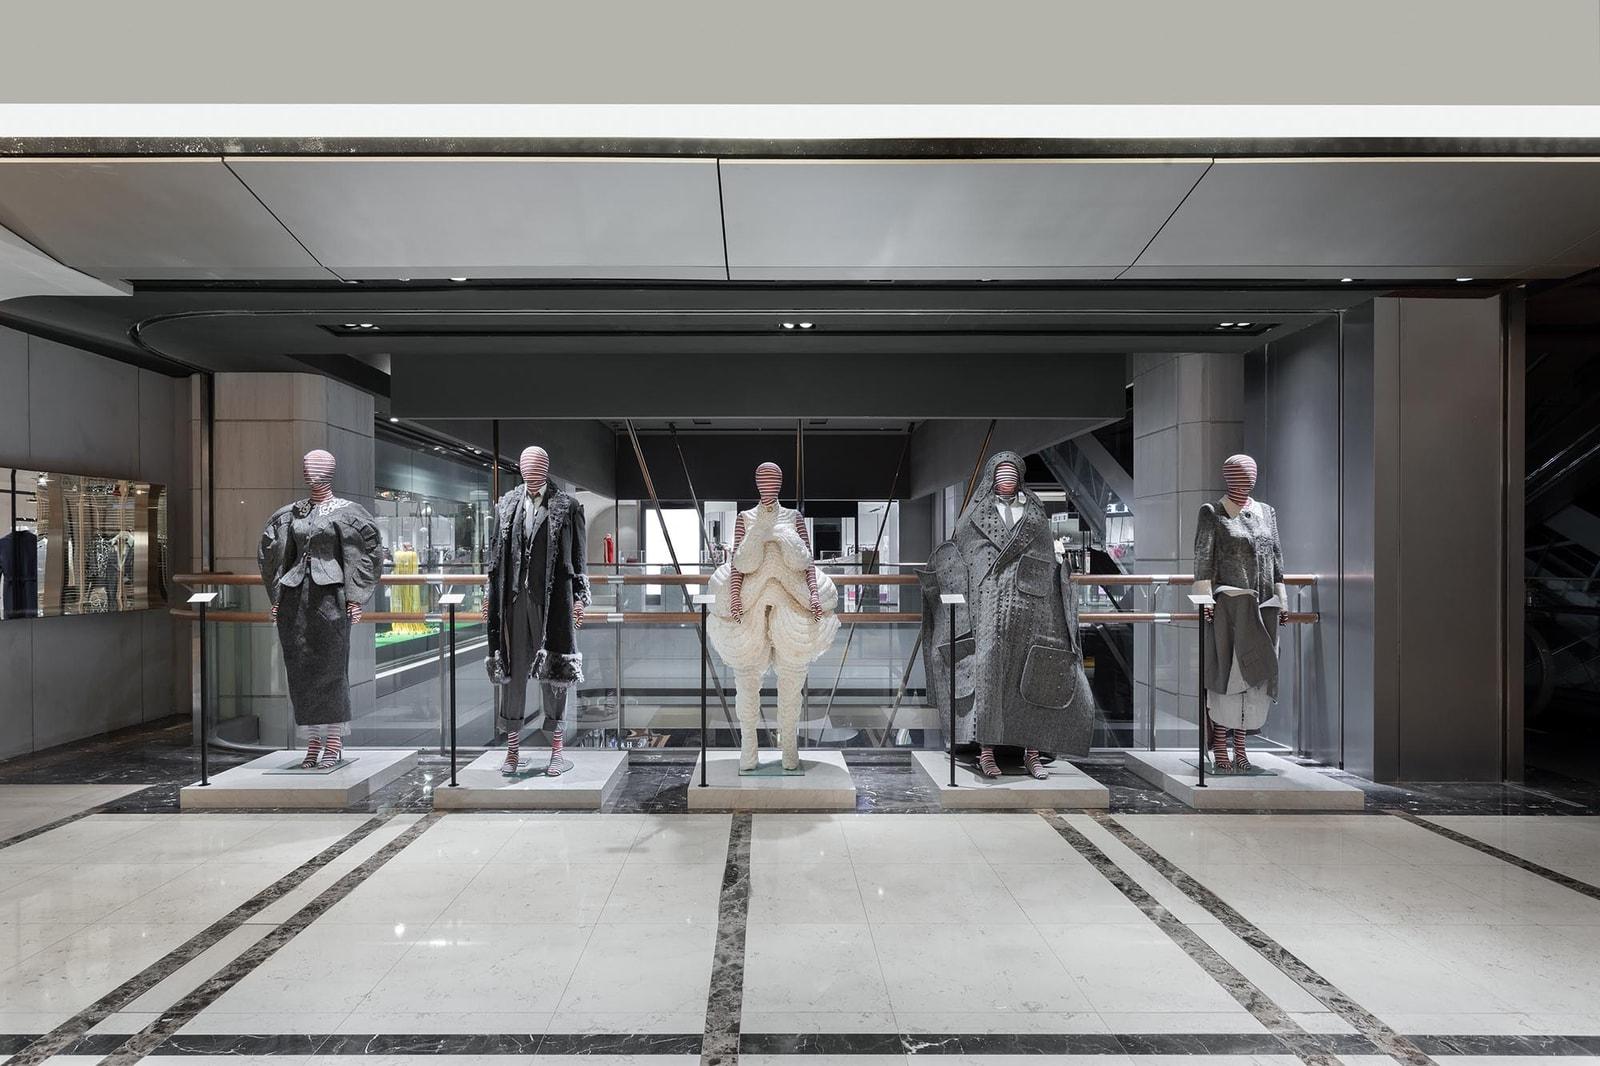 9m88 與 ØZI 現身 ART HAUS 內 Thom Browne 期間限定概念店